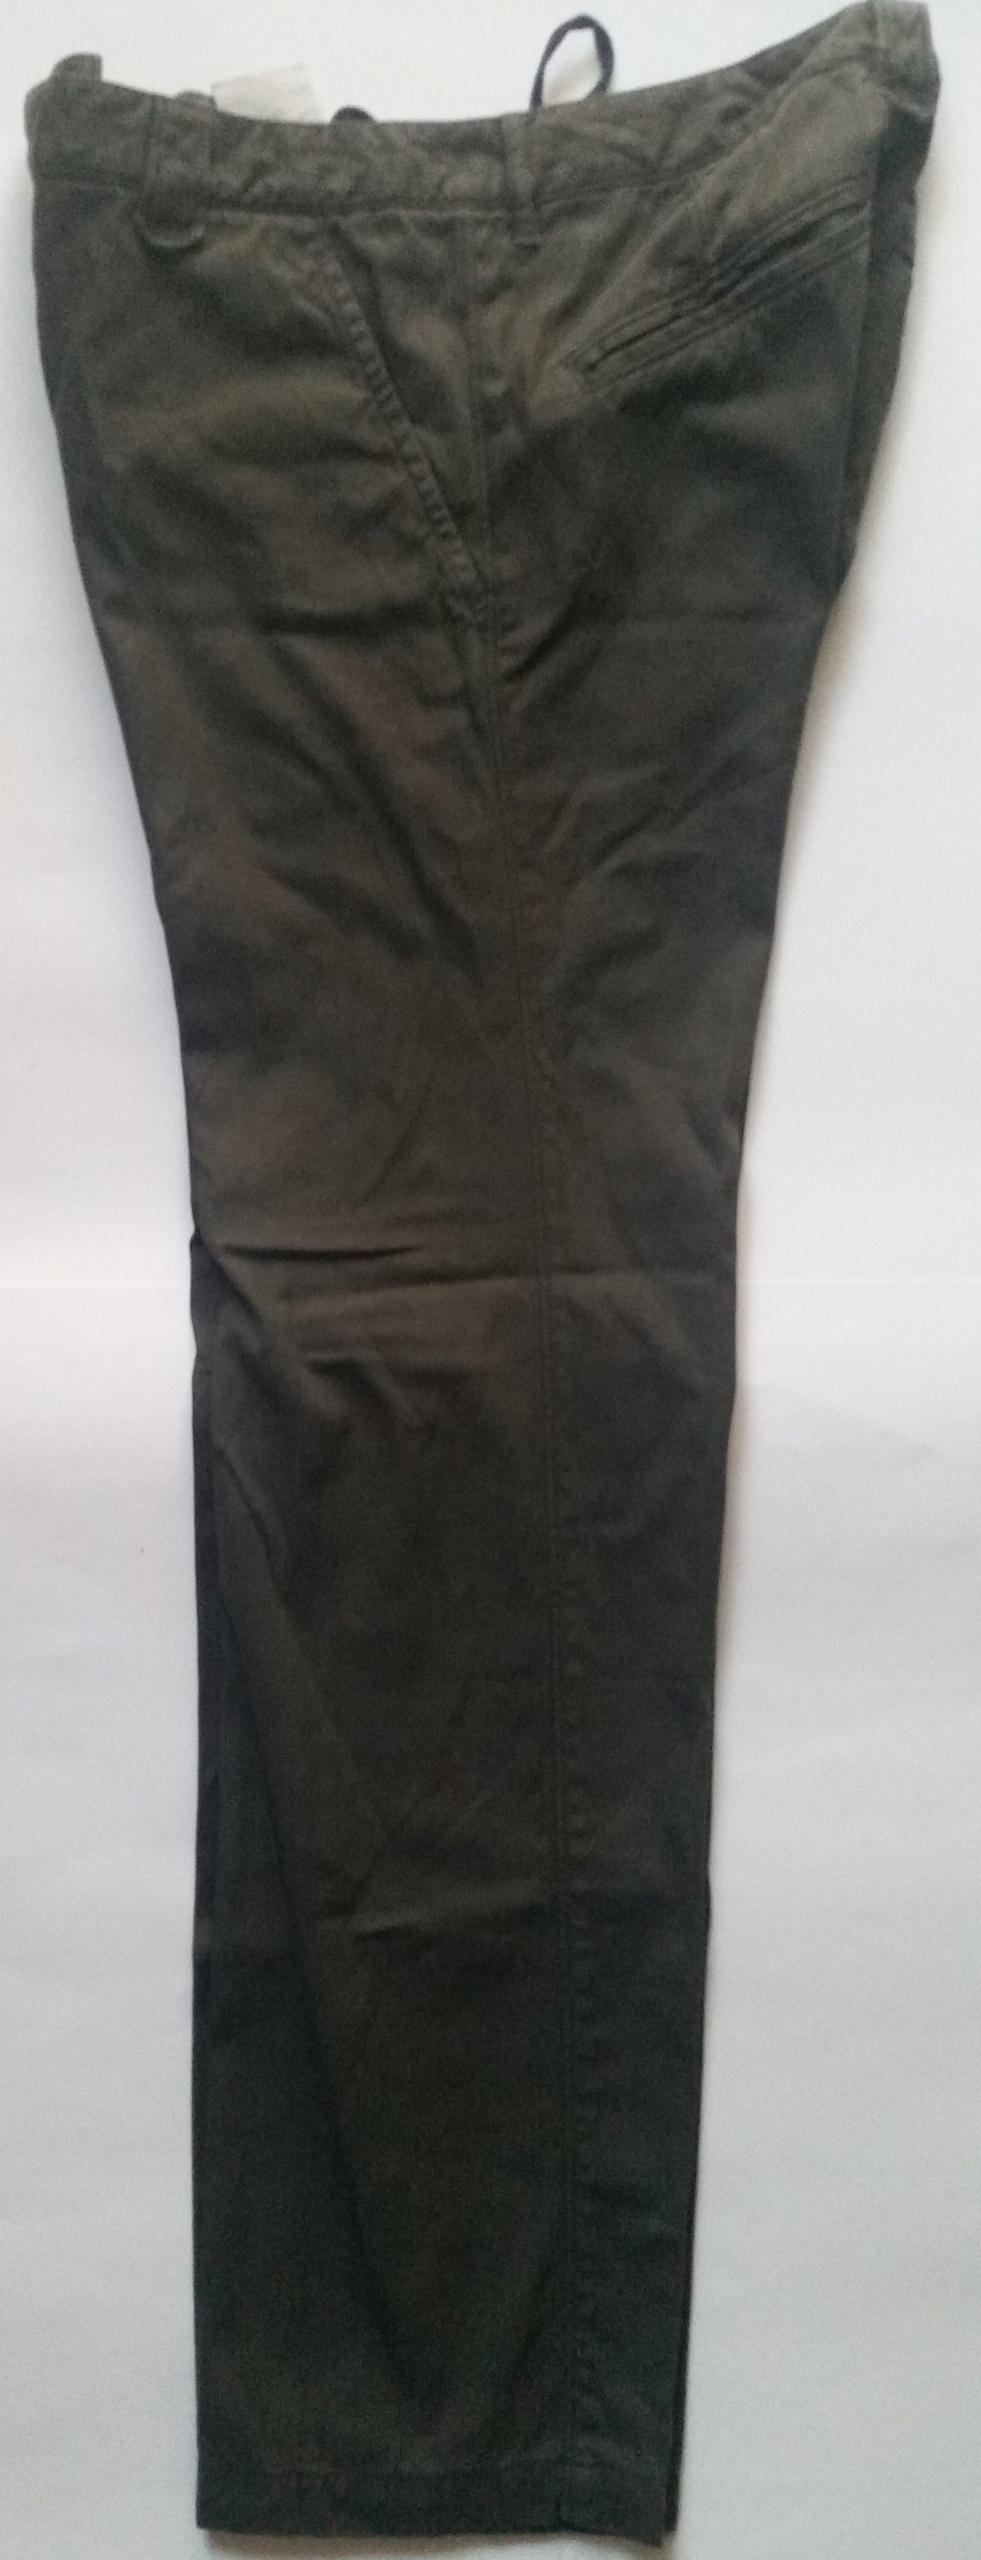 HUGO BOSS - męskie spodnie bawełniane roz. 46